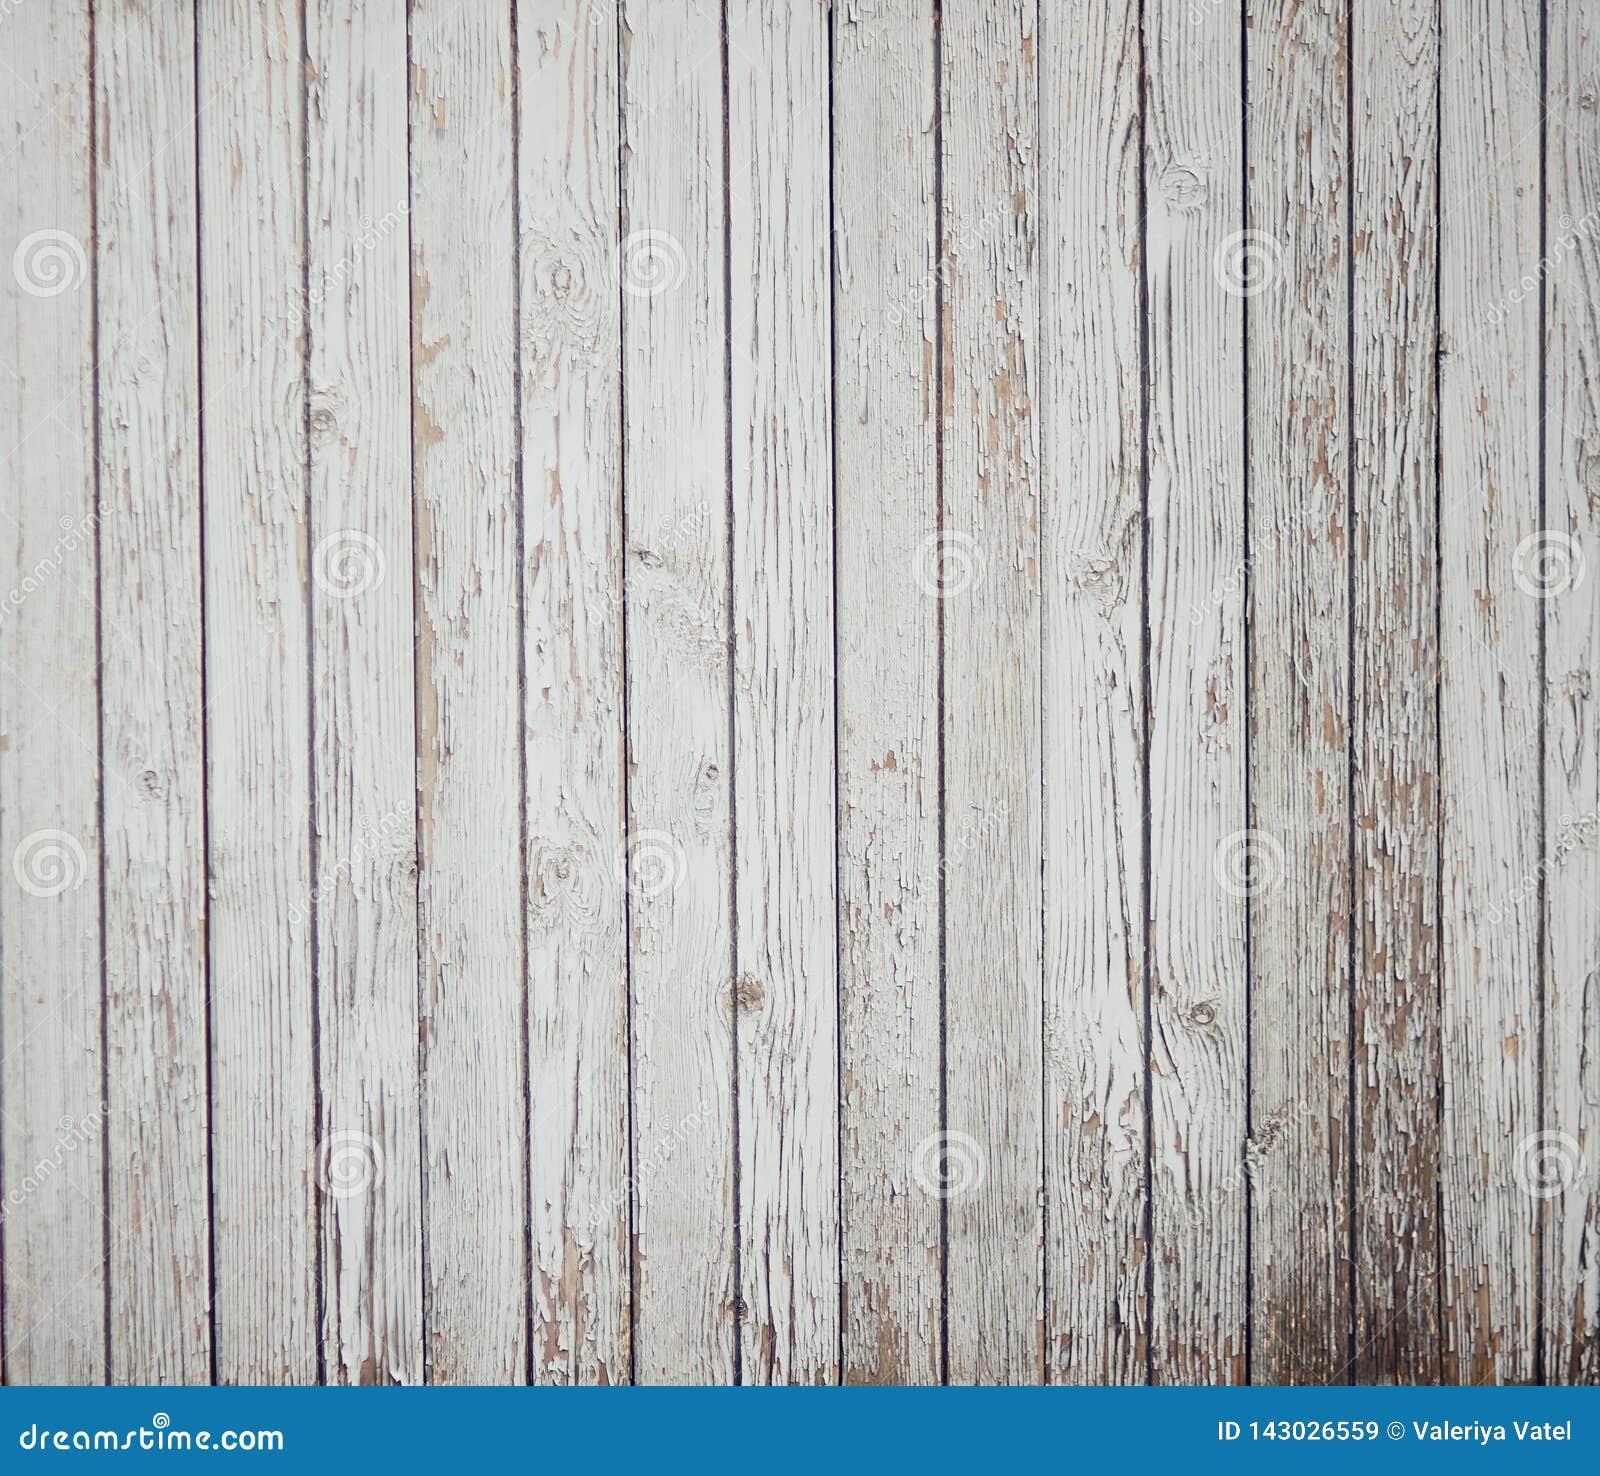 Abstrakter Hintergrund von alten gemalten weißen Brettern